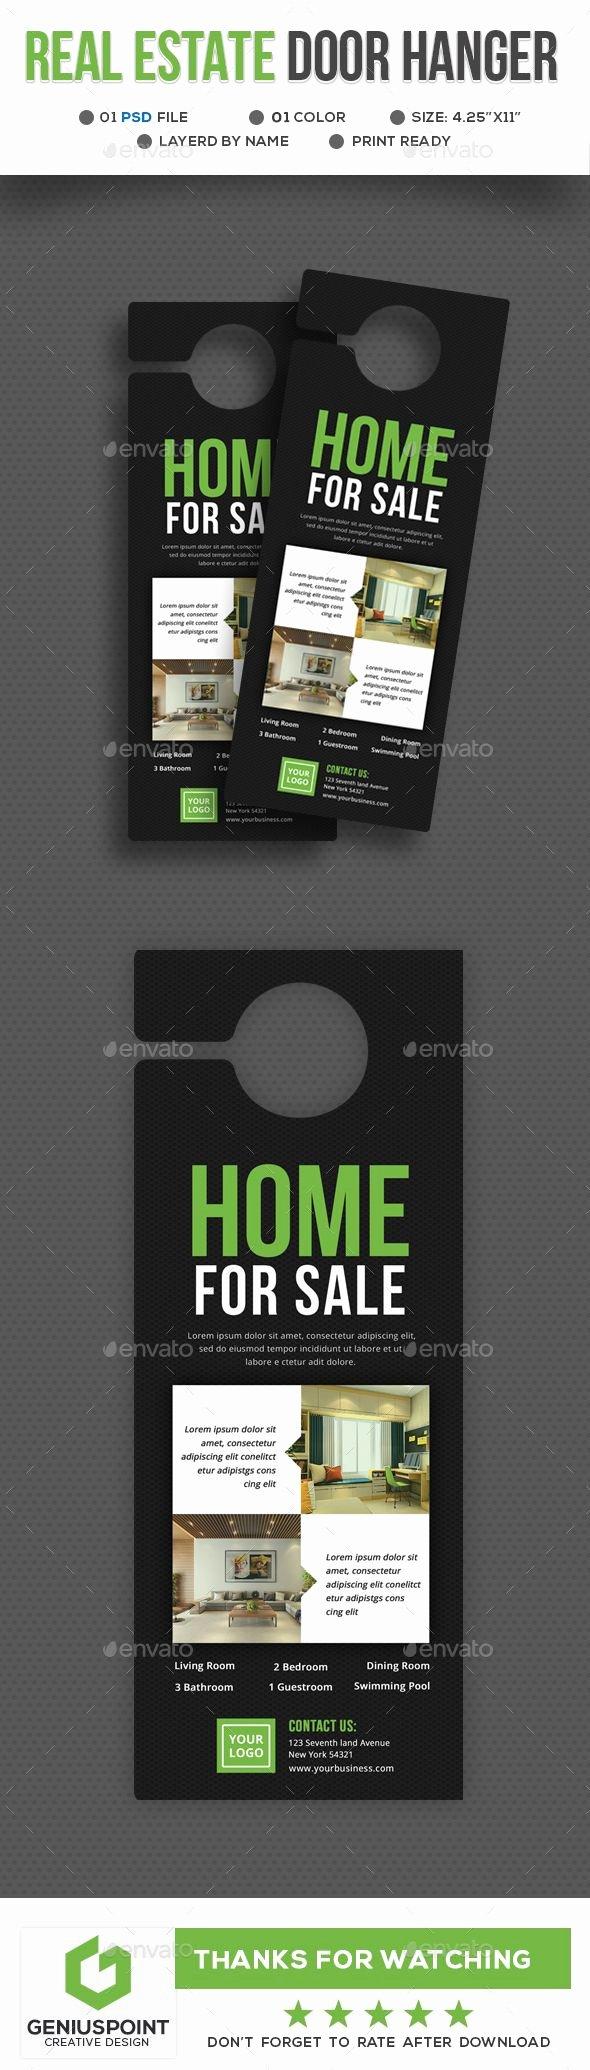 Door Hanger Template Psd Best Of Best 25 Door Hanger Template Ideas On Pinterest